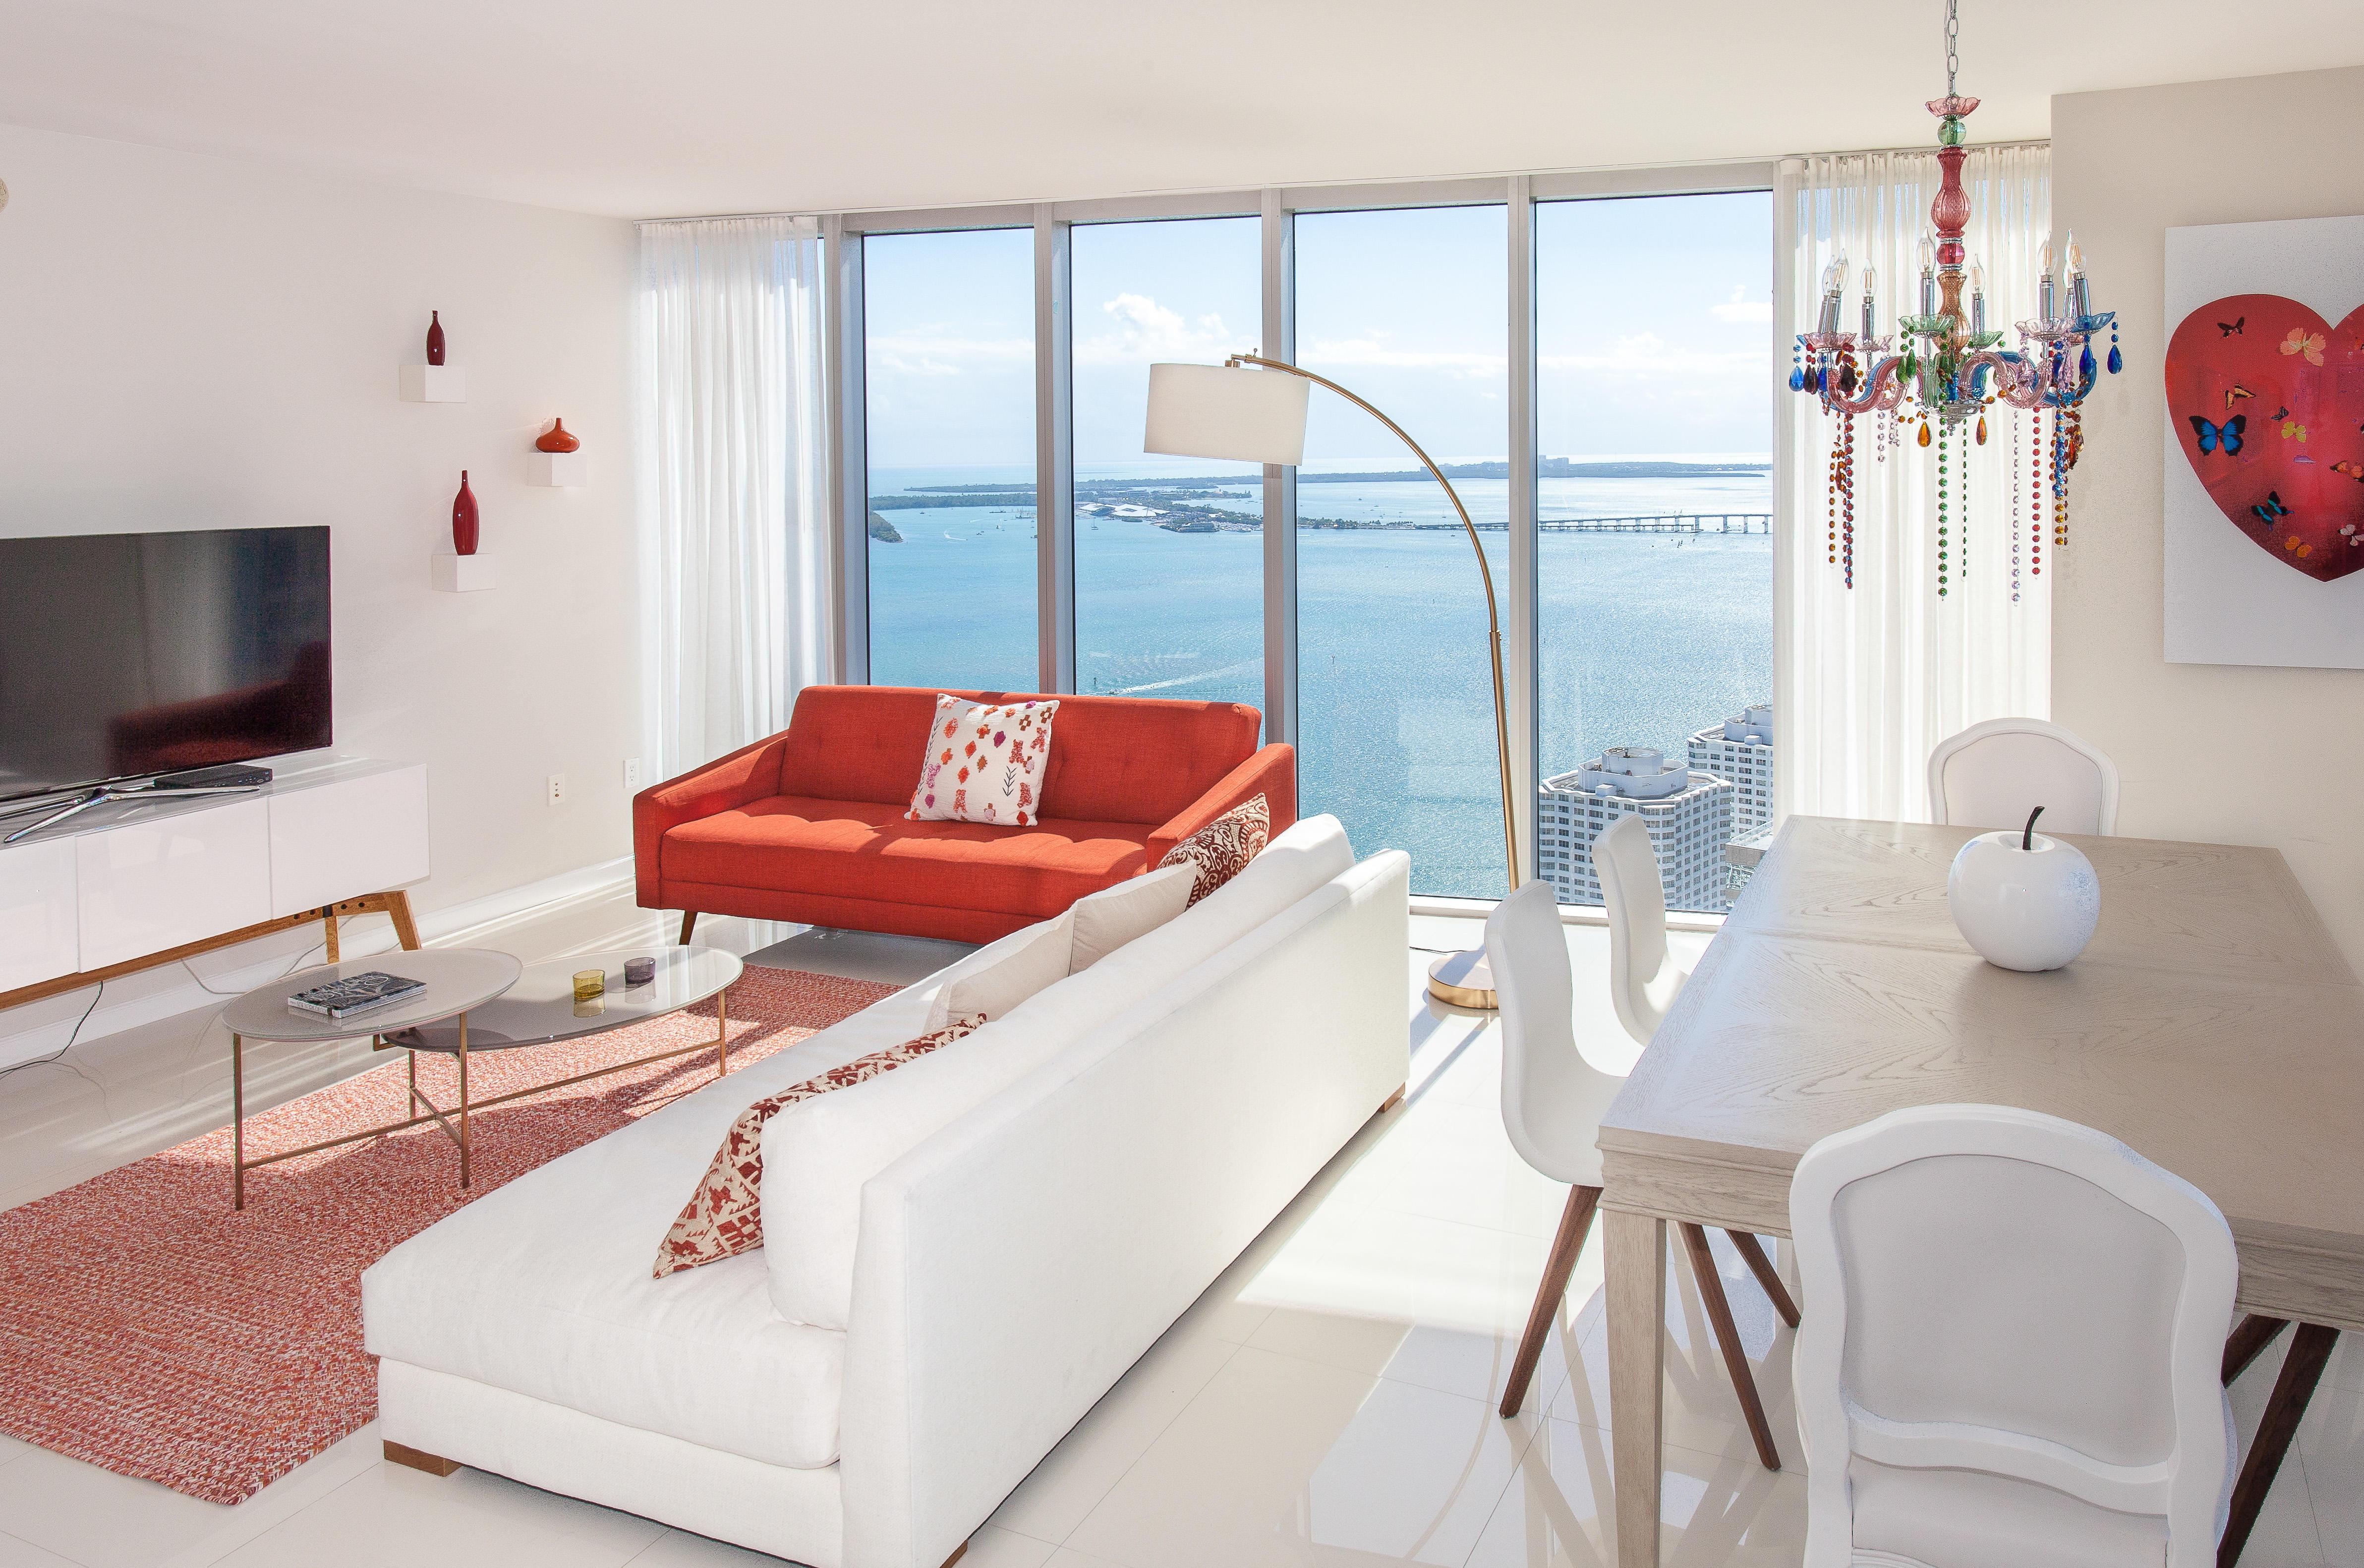 Miami Vacation Rentals - Brickell image 7